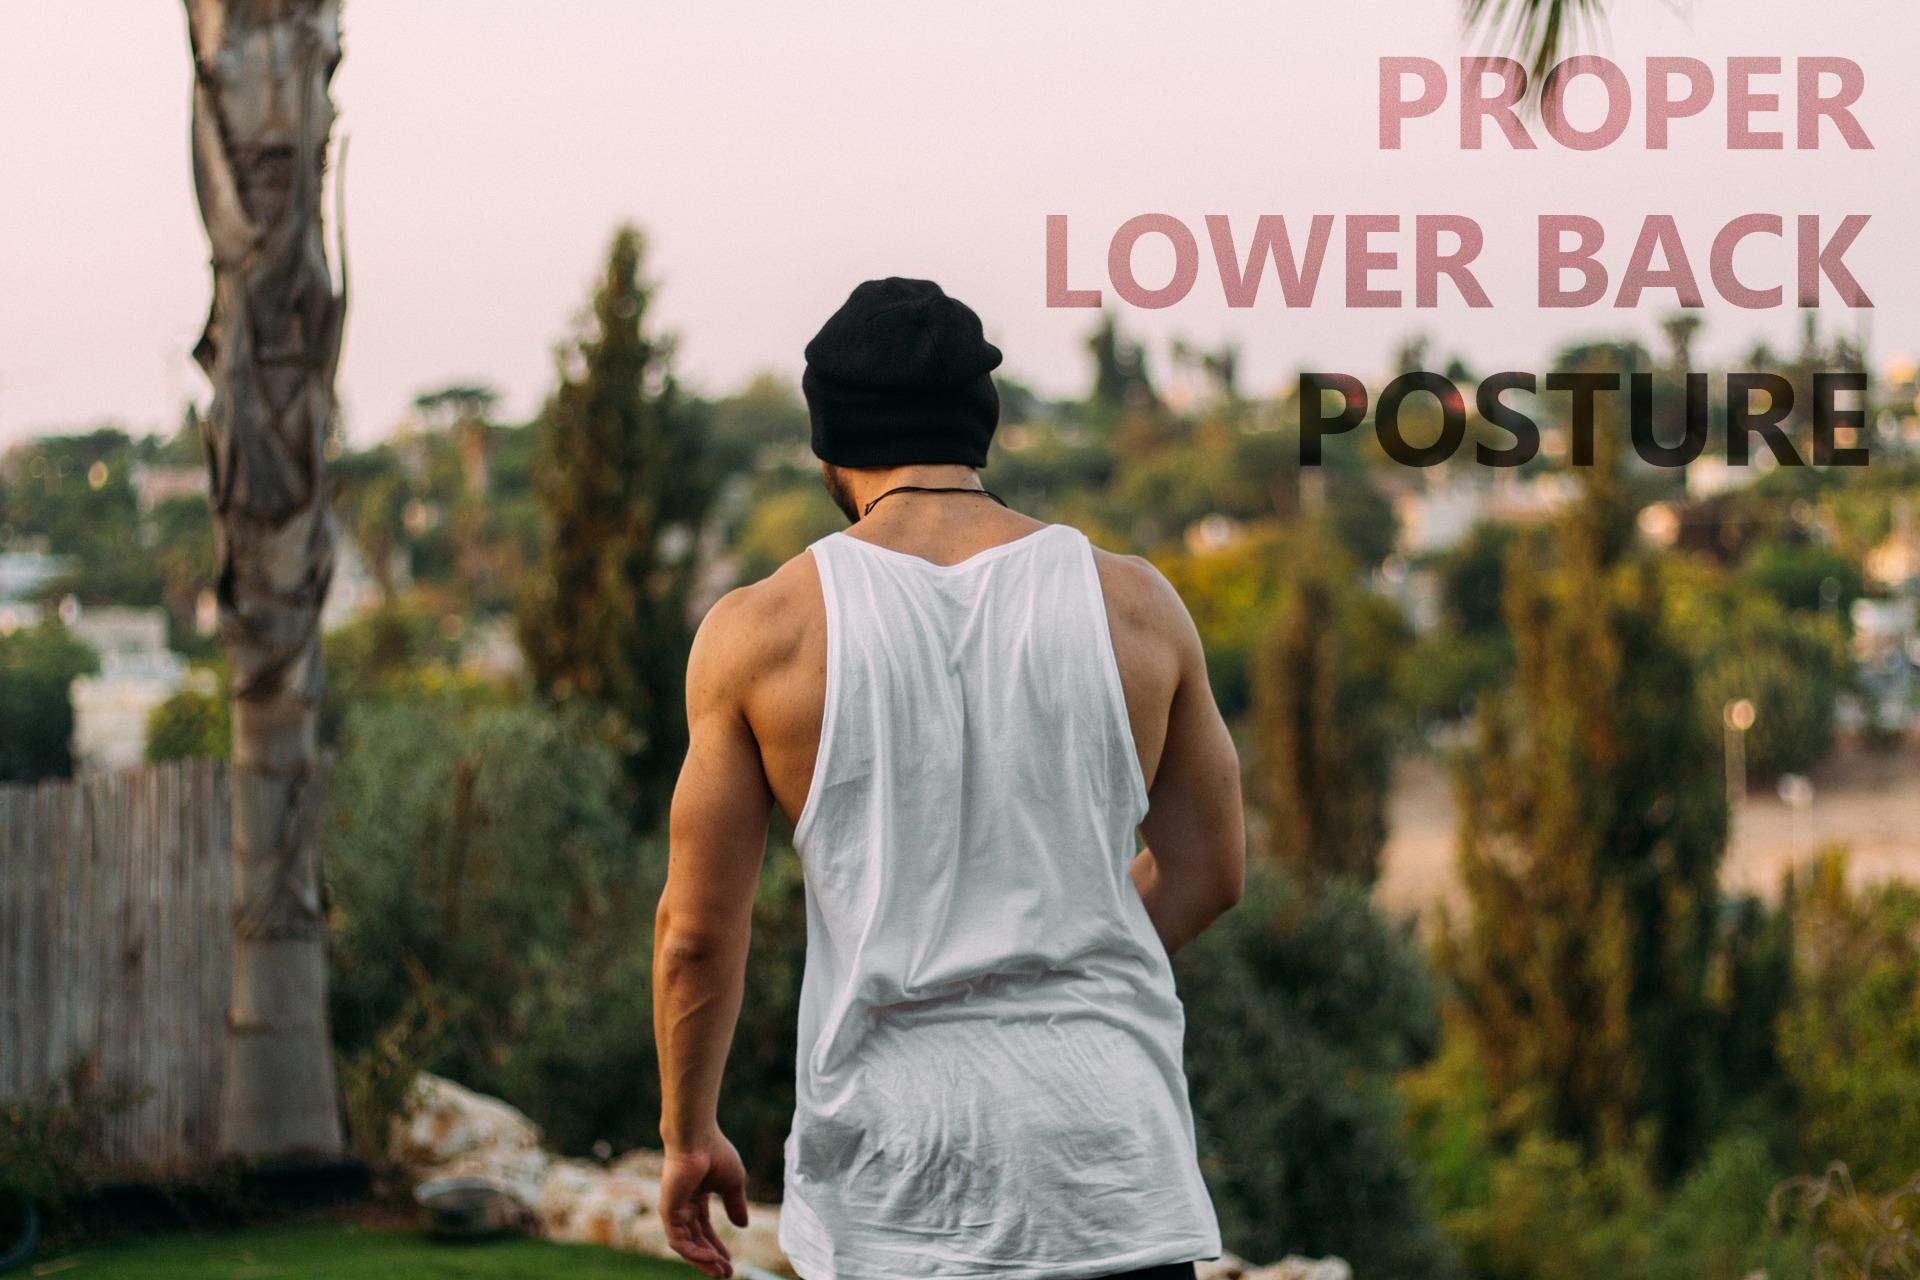 PROPER LOWER BACK POSTURE